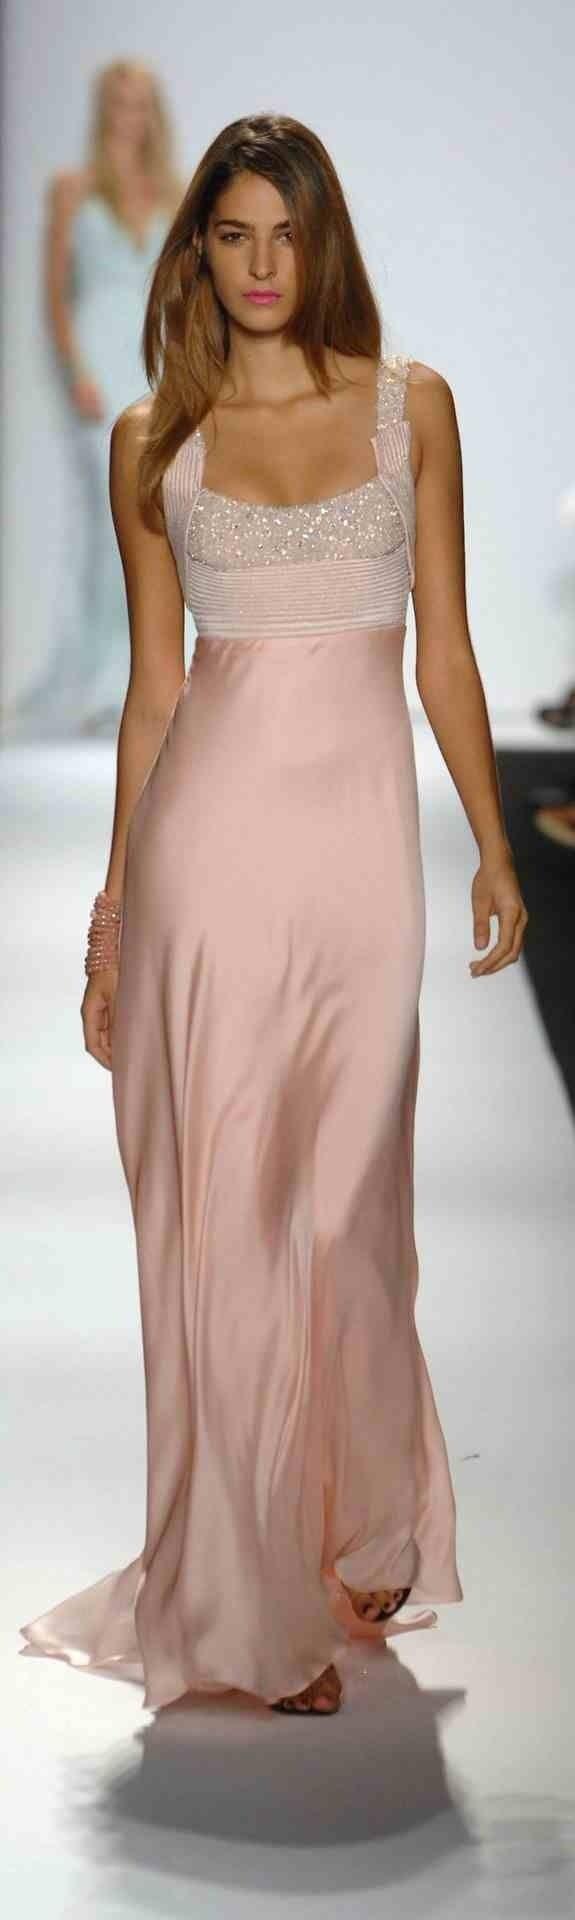 Pin de Sandy Ramirez en Vestidos   Pinterest   Vestiditos